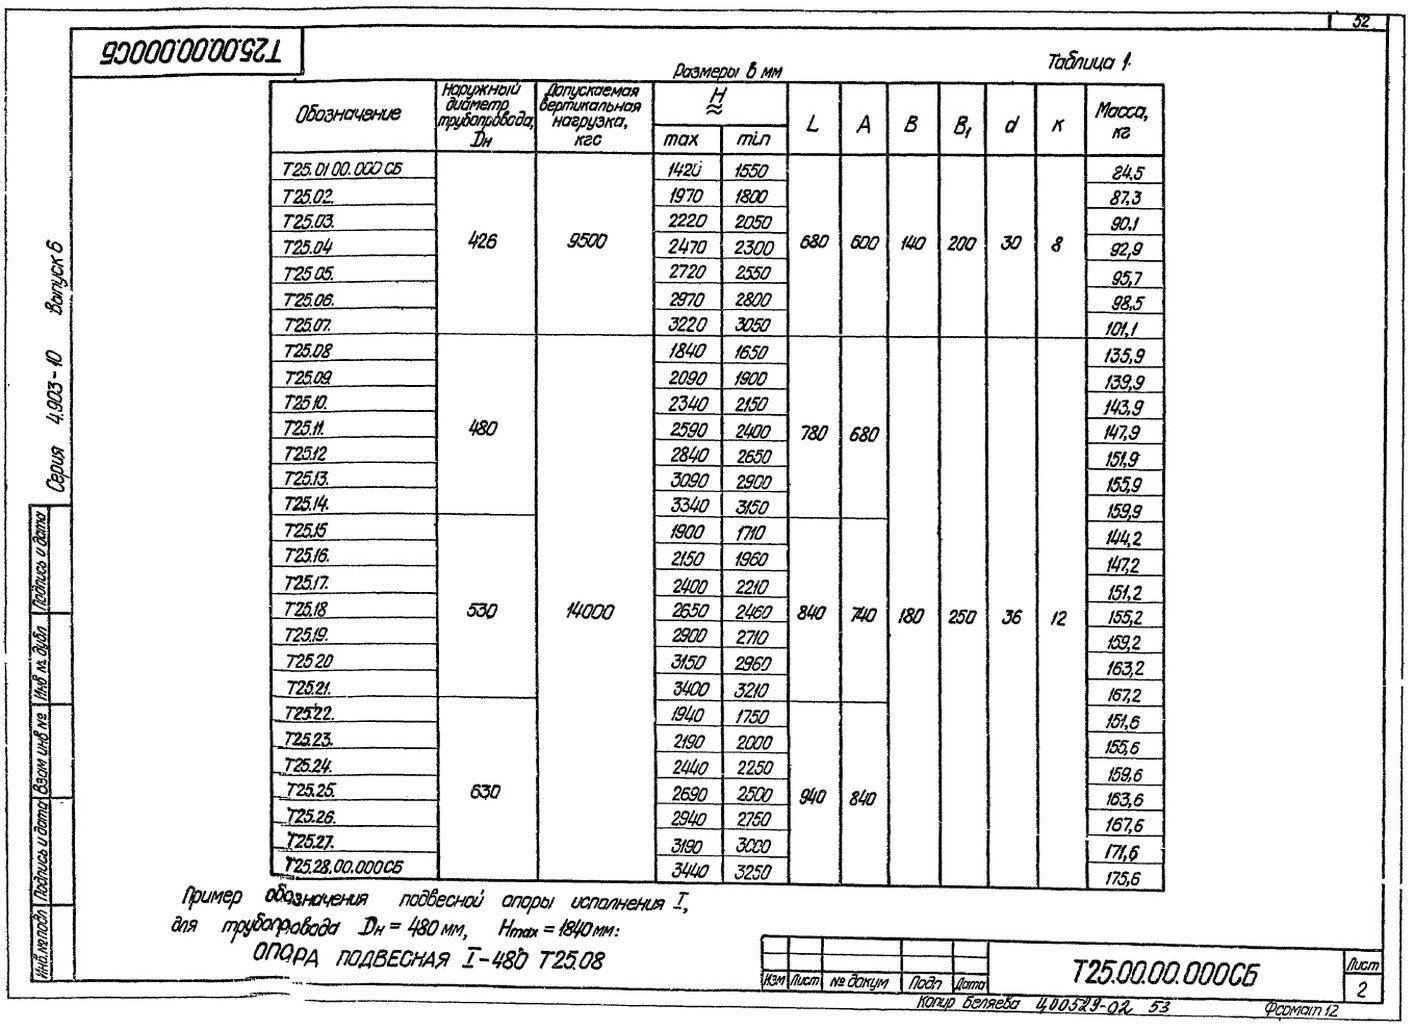 Опора подвесная жесткая Т25 с.4.903-10 вып.6 стр.2